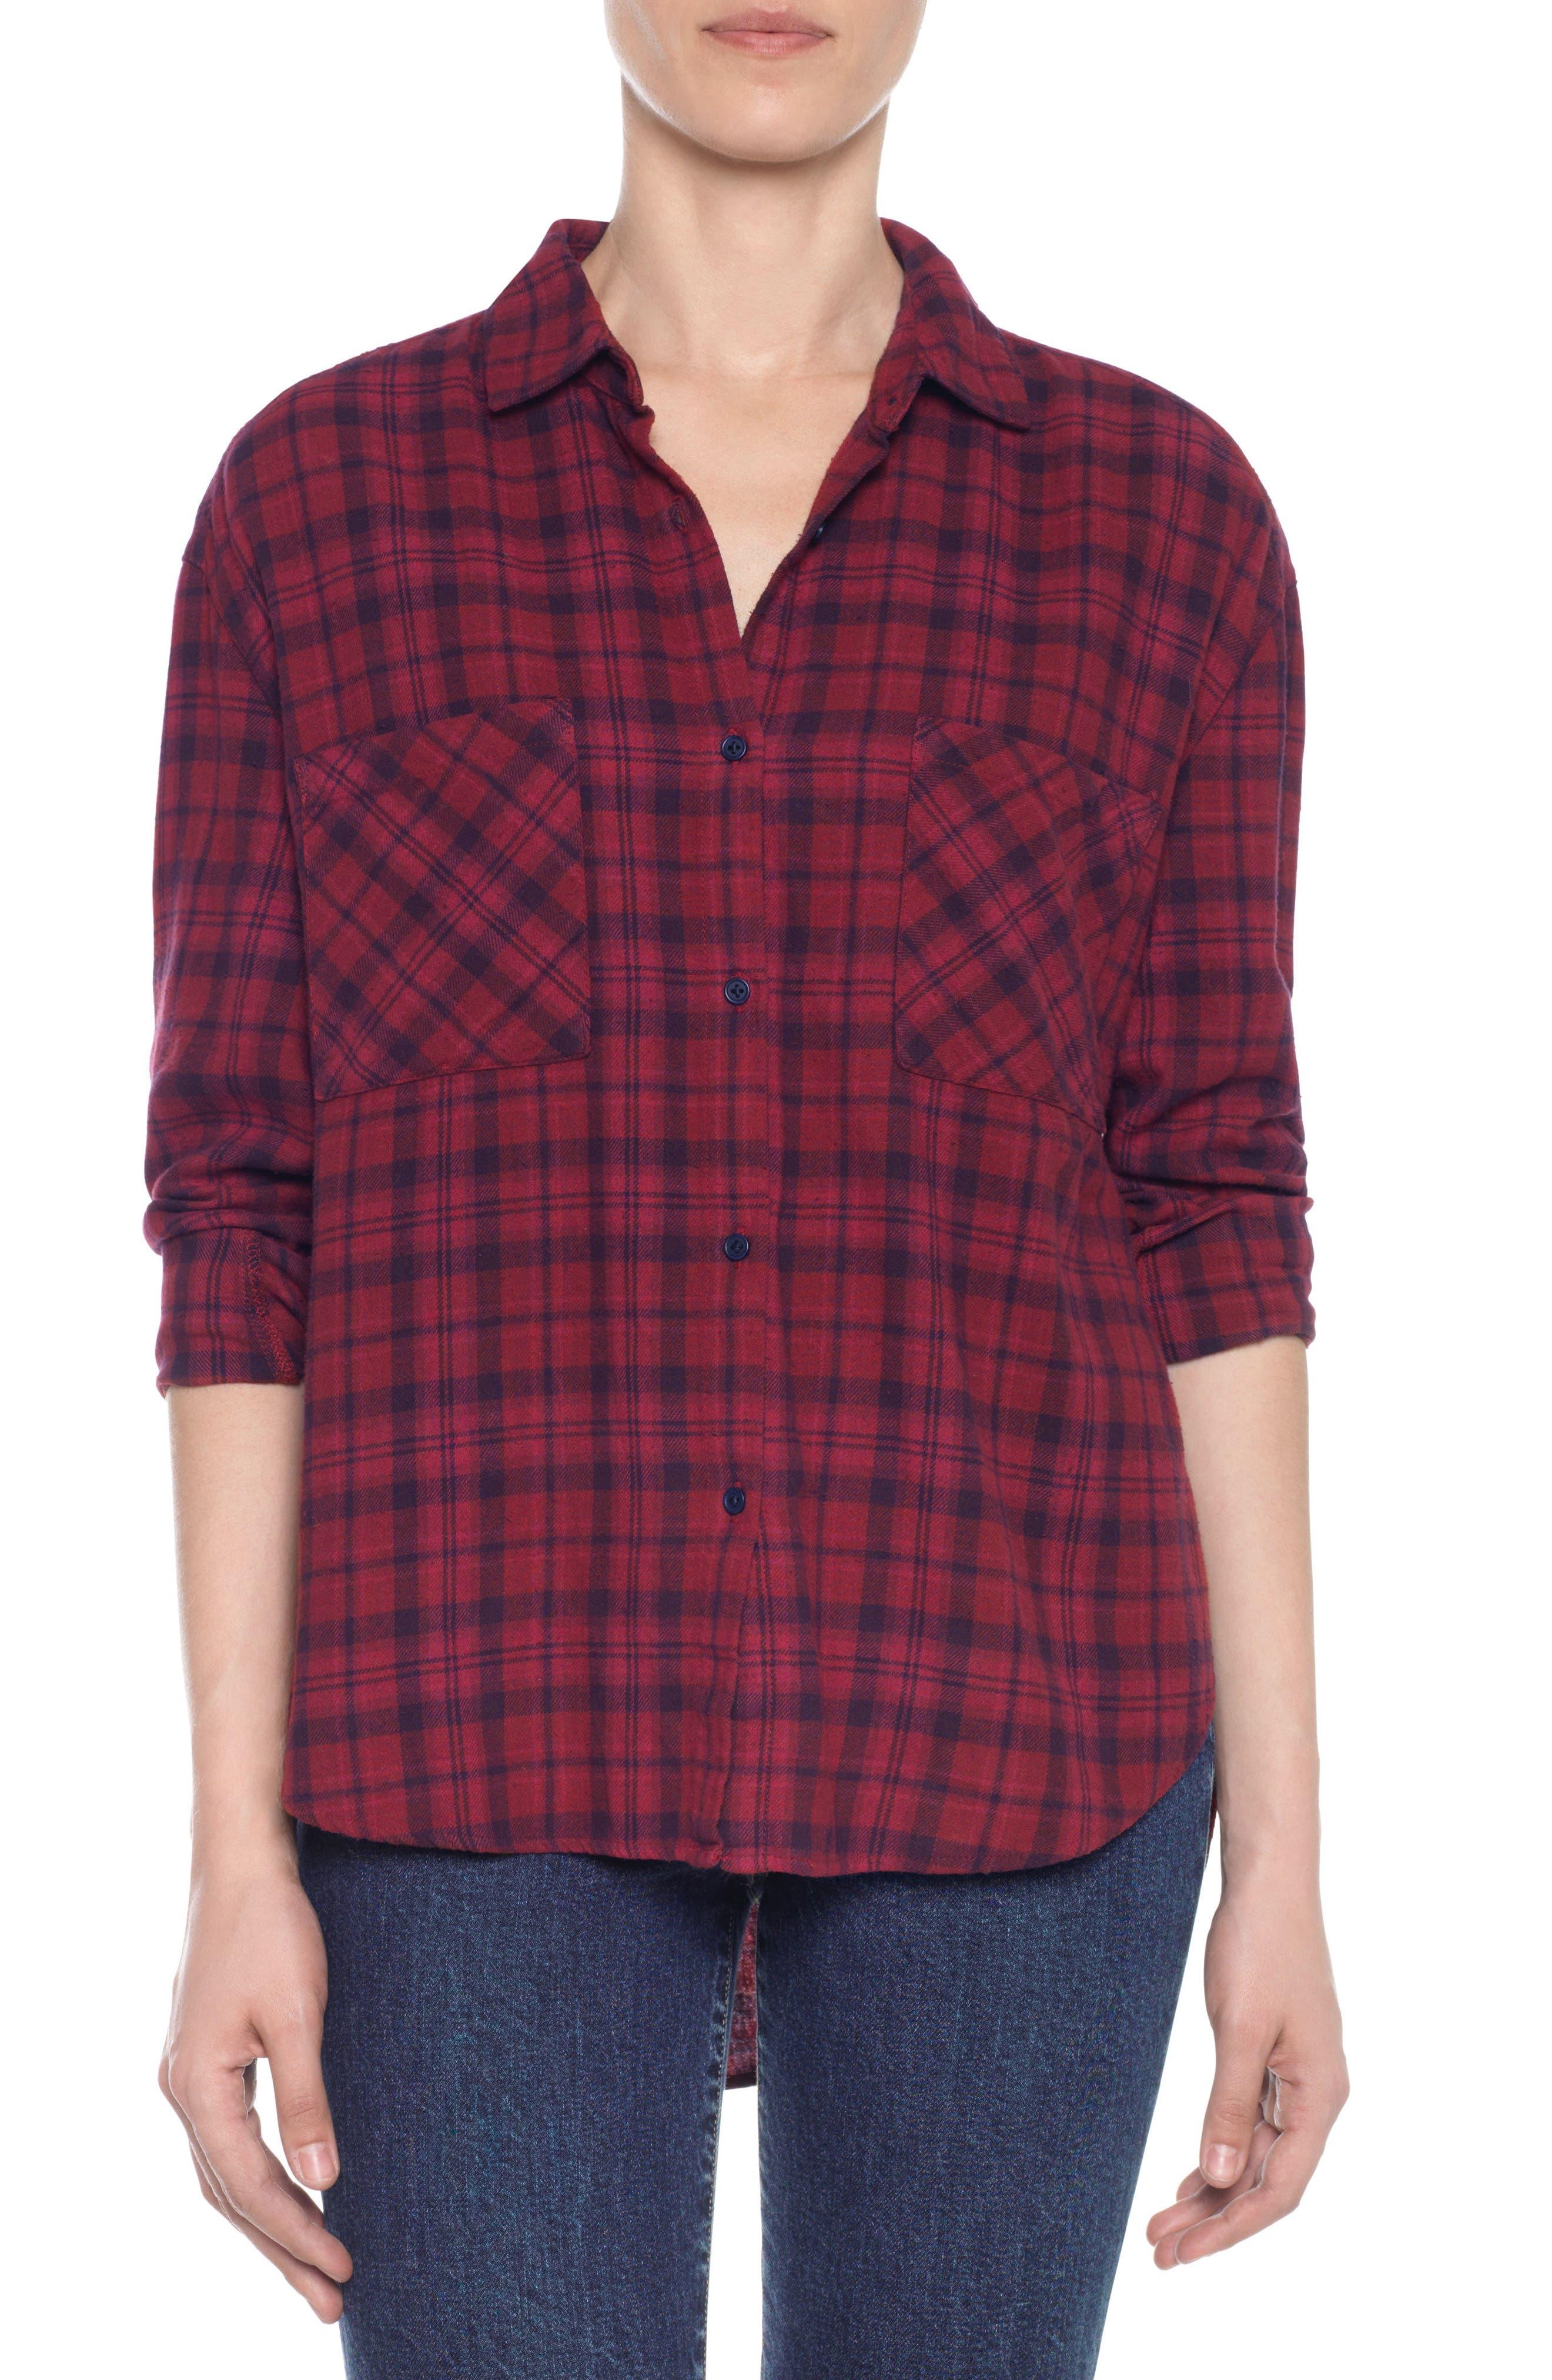 Joe's Boyfriend Flannel Shirt